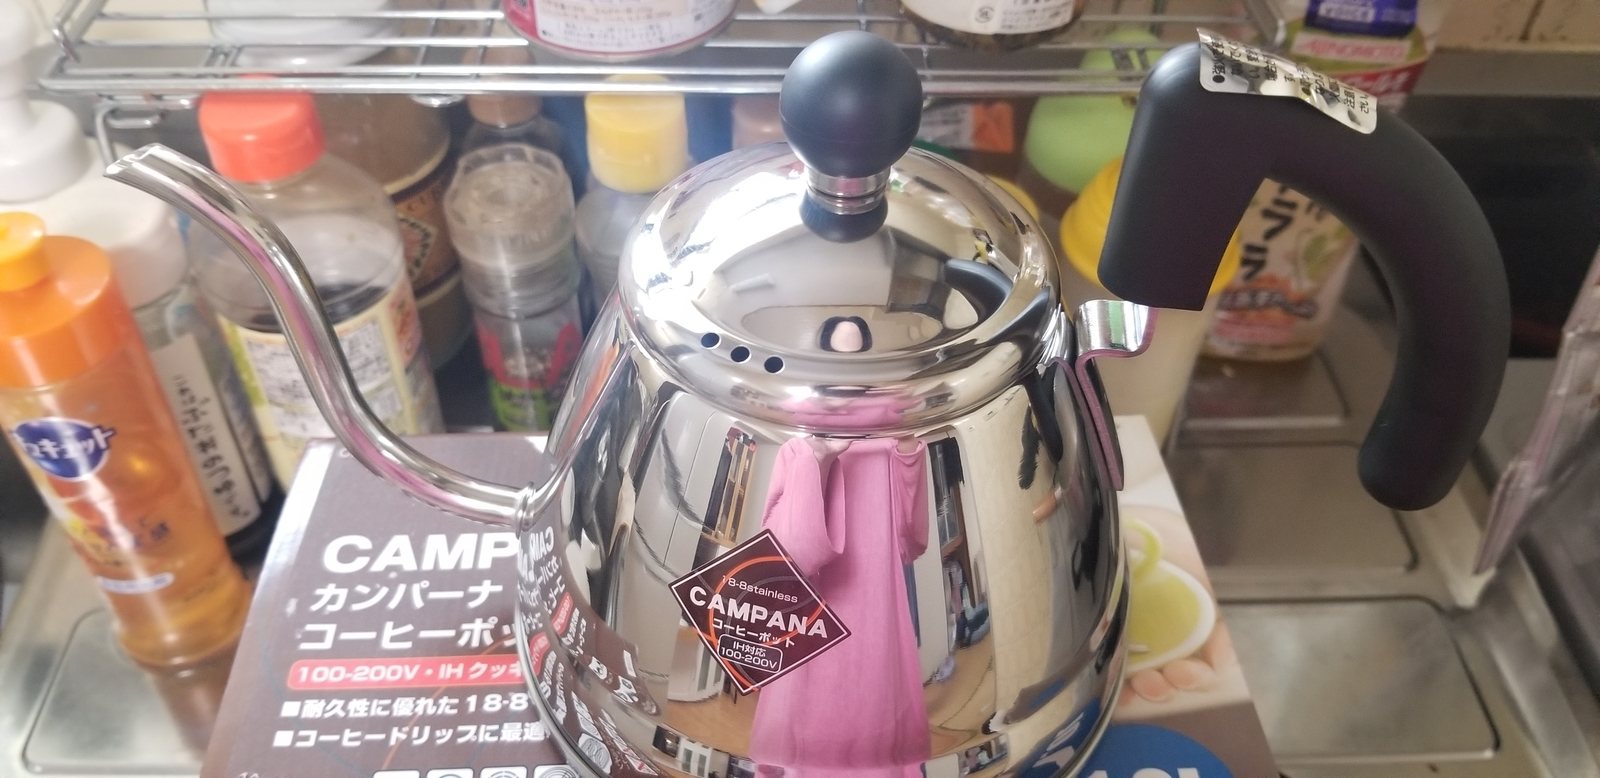 和平フレイズ ケトル コーヒーポット 湯沸かし カンパーナ 1L 日本製 IH対応 CR-8877